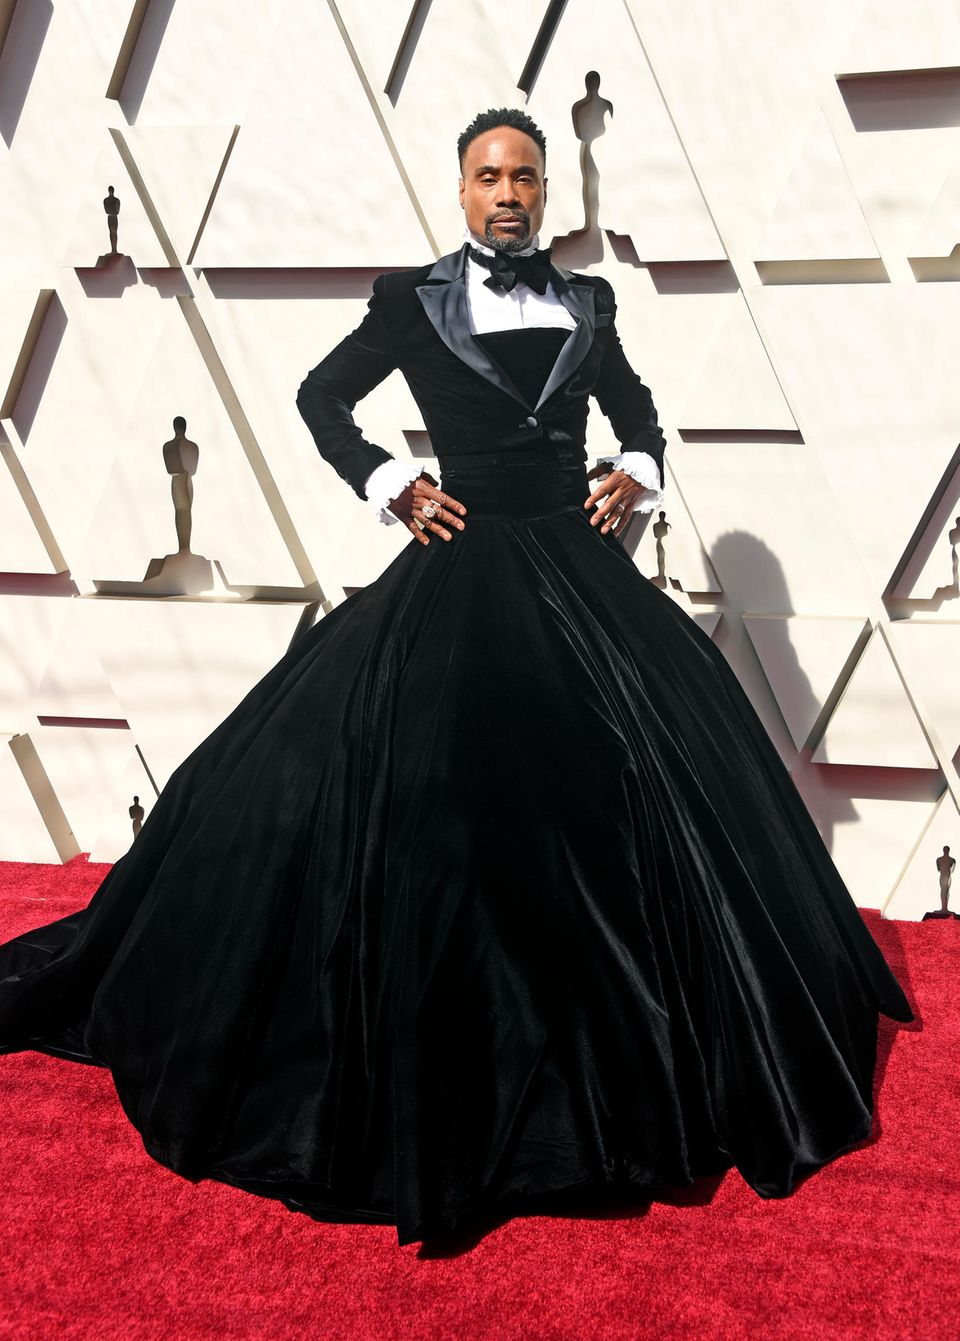 Billy Porter zieht mit seinem Smoking-Kleid bei den Oscars im Jahr 2019 alle Blicke auf sich.